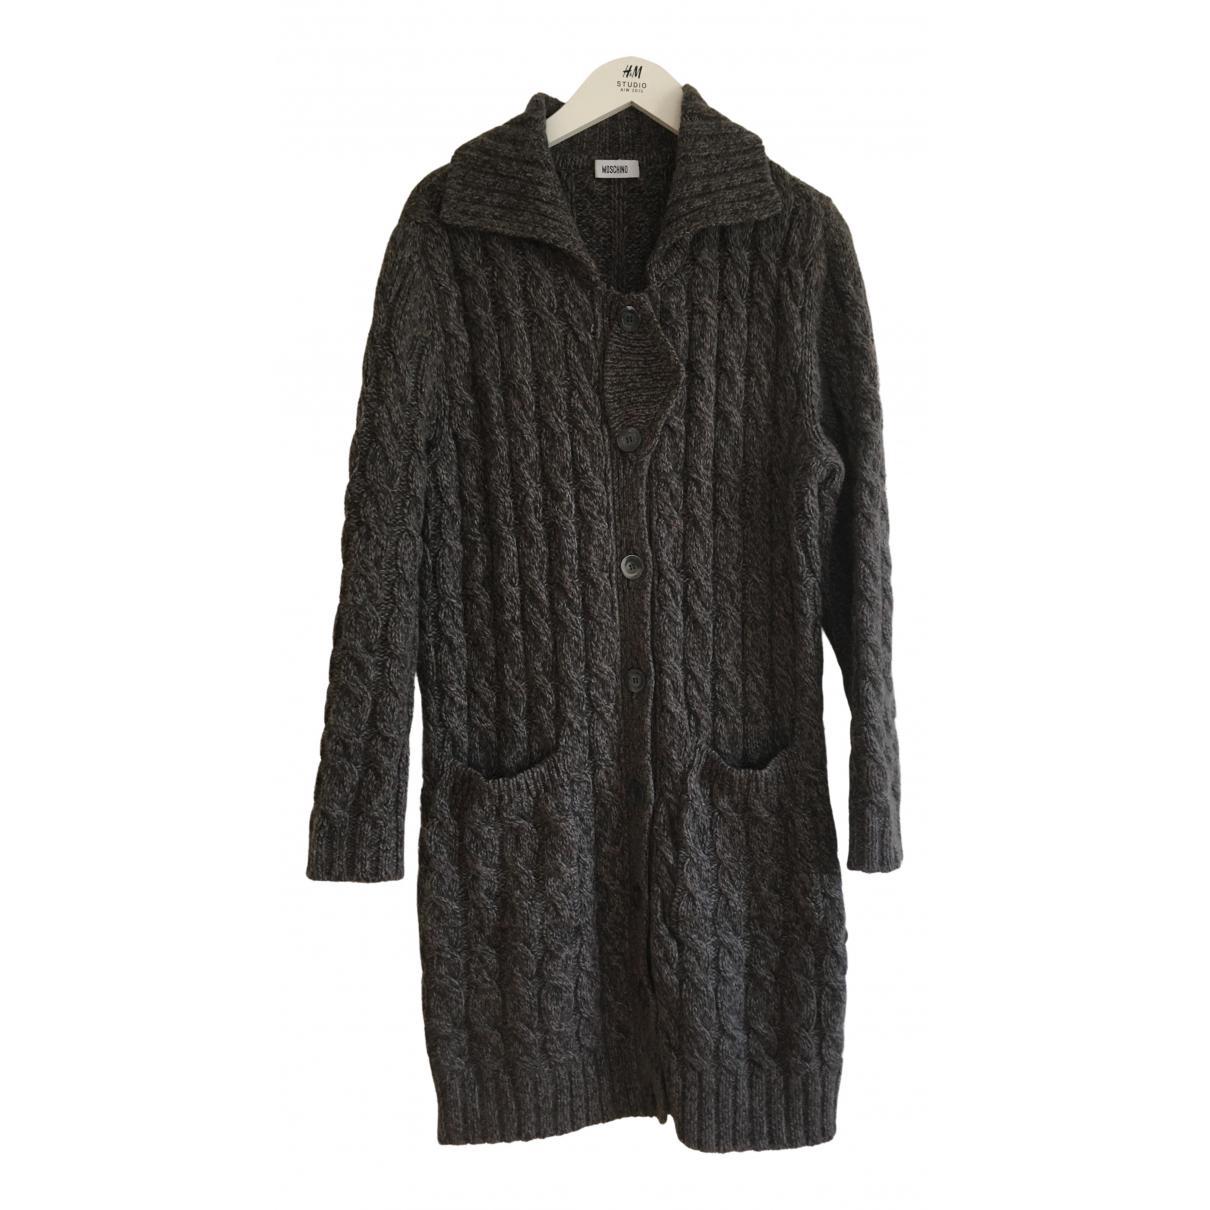 Moschino N Brown Wool Knitwear for Women 48 IT